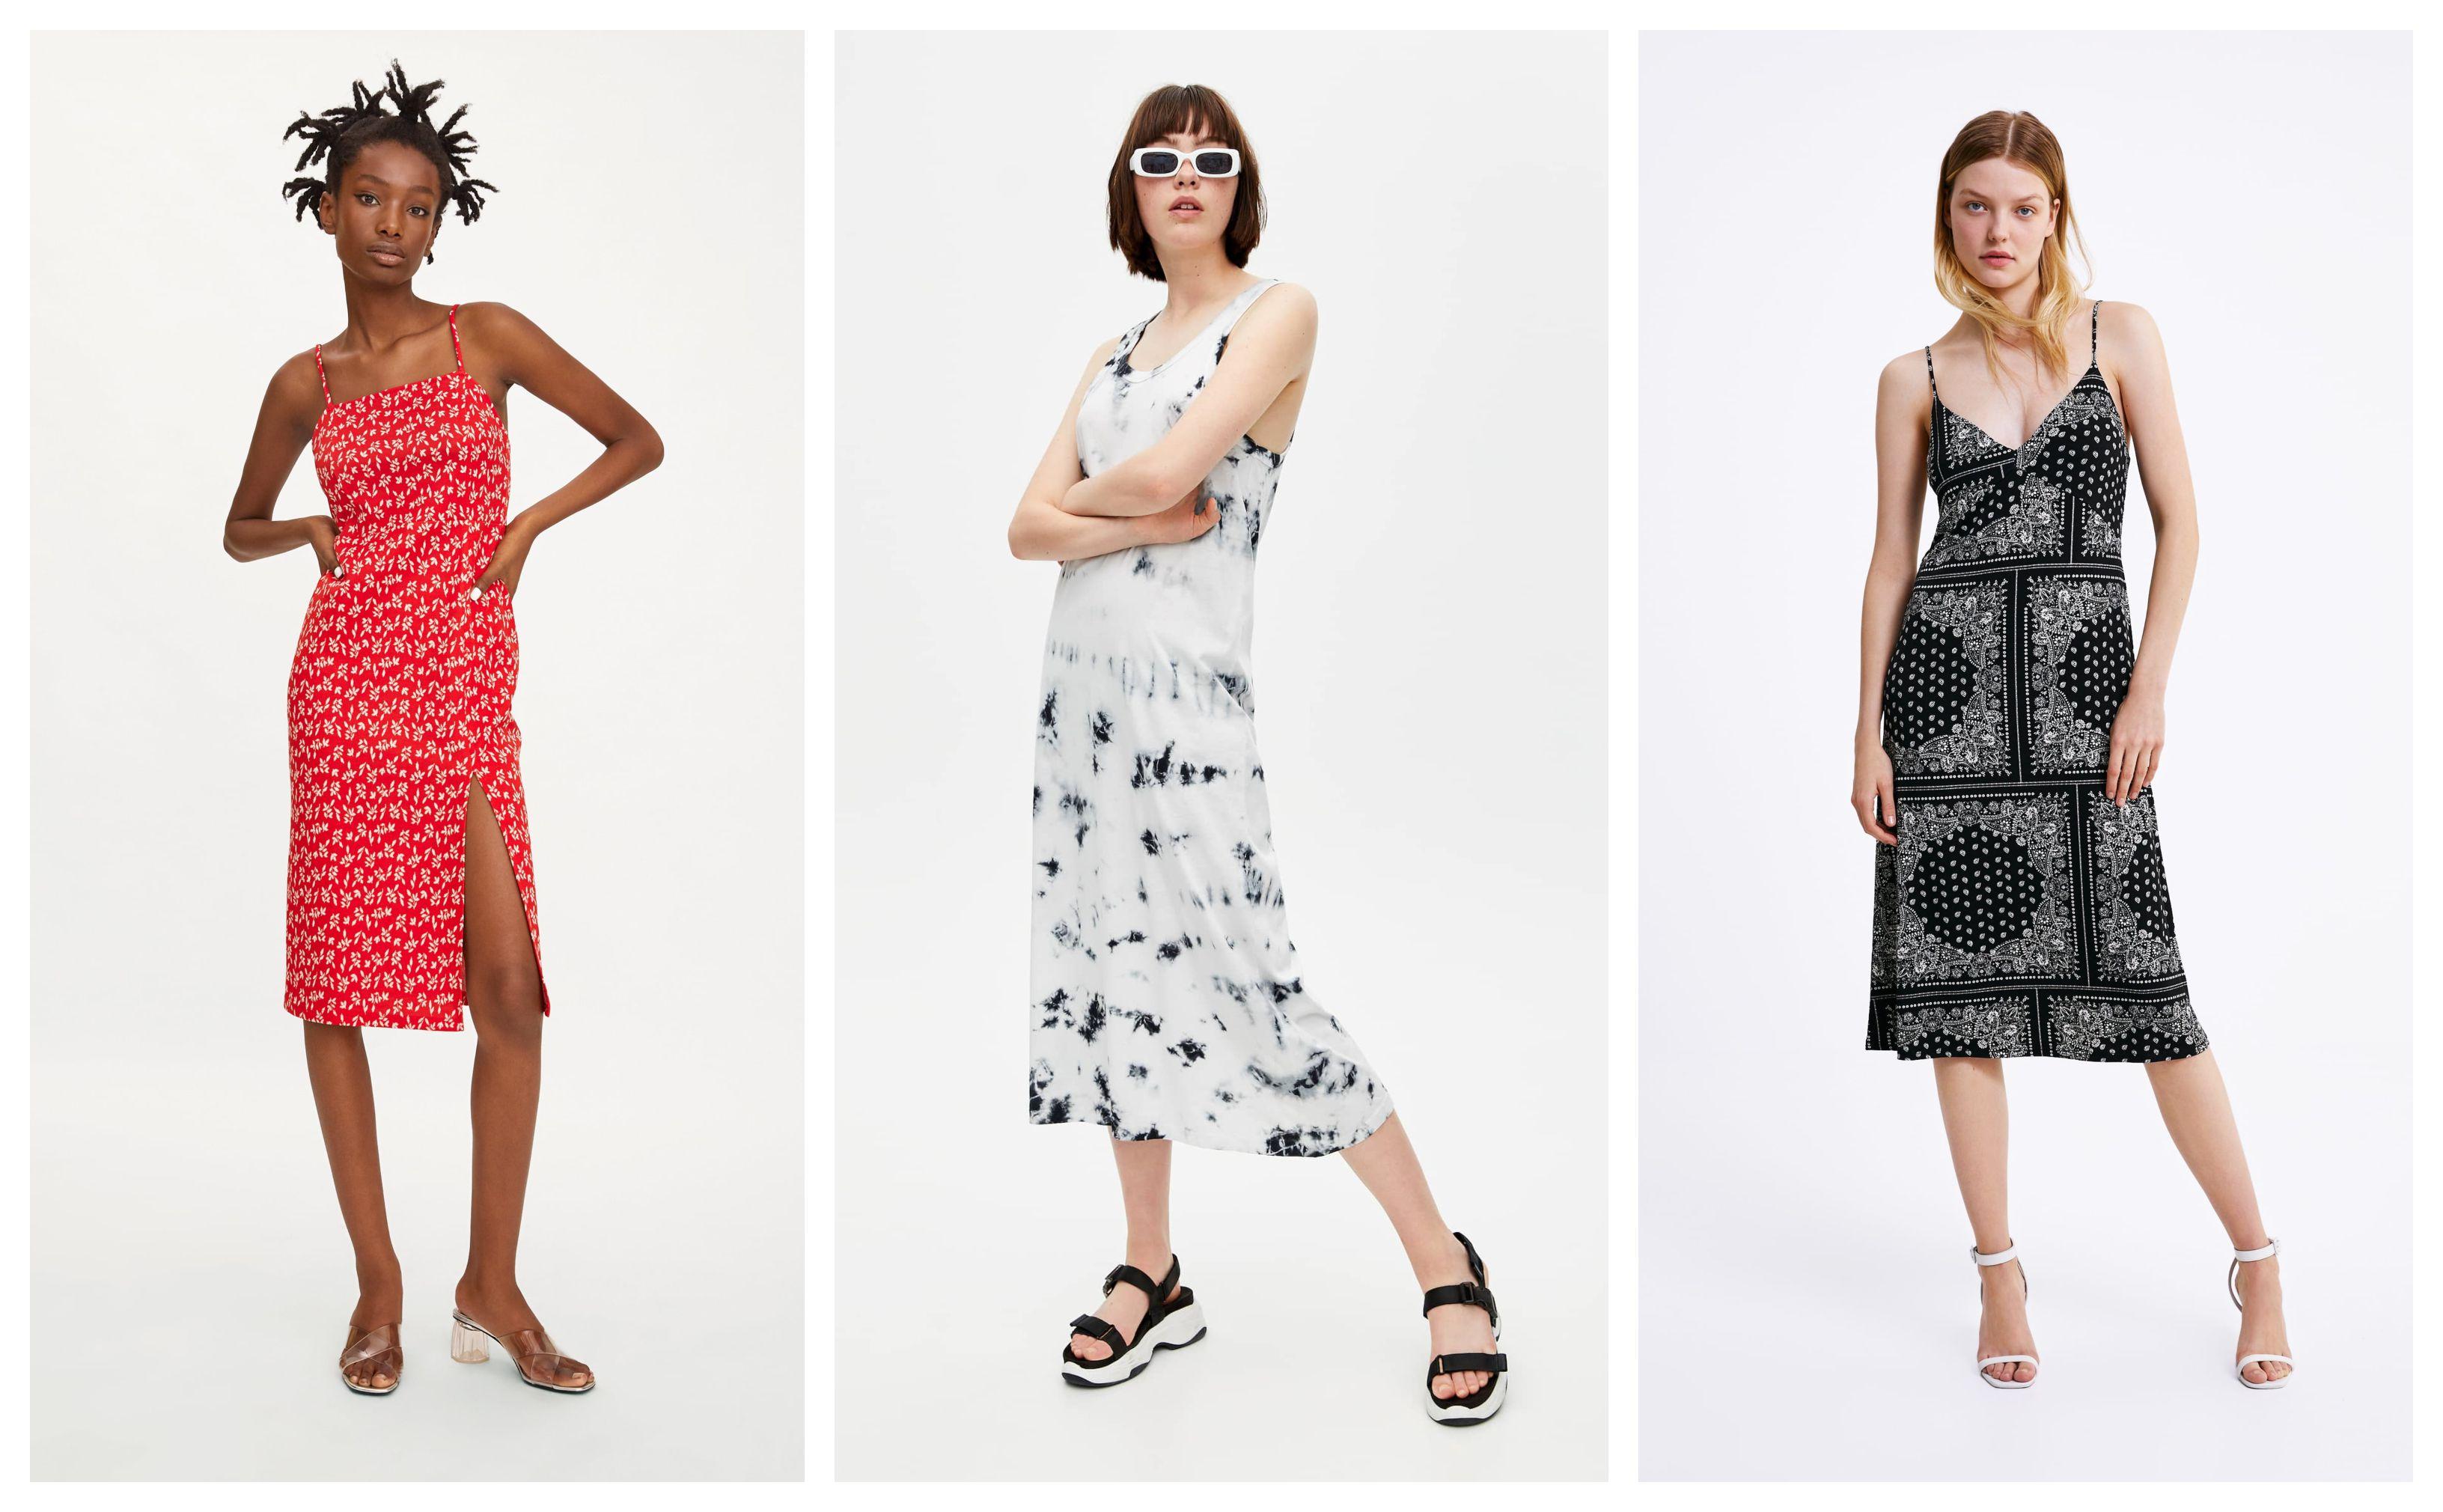 Potražili smo najljepše ljetne haljine do 100 kuna! Pogledajte izbor